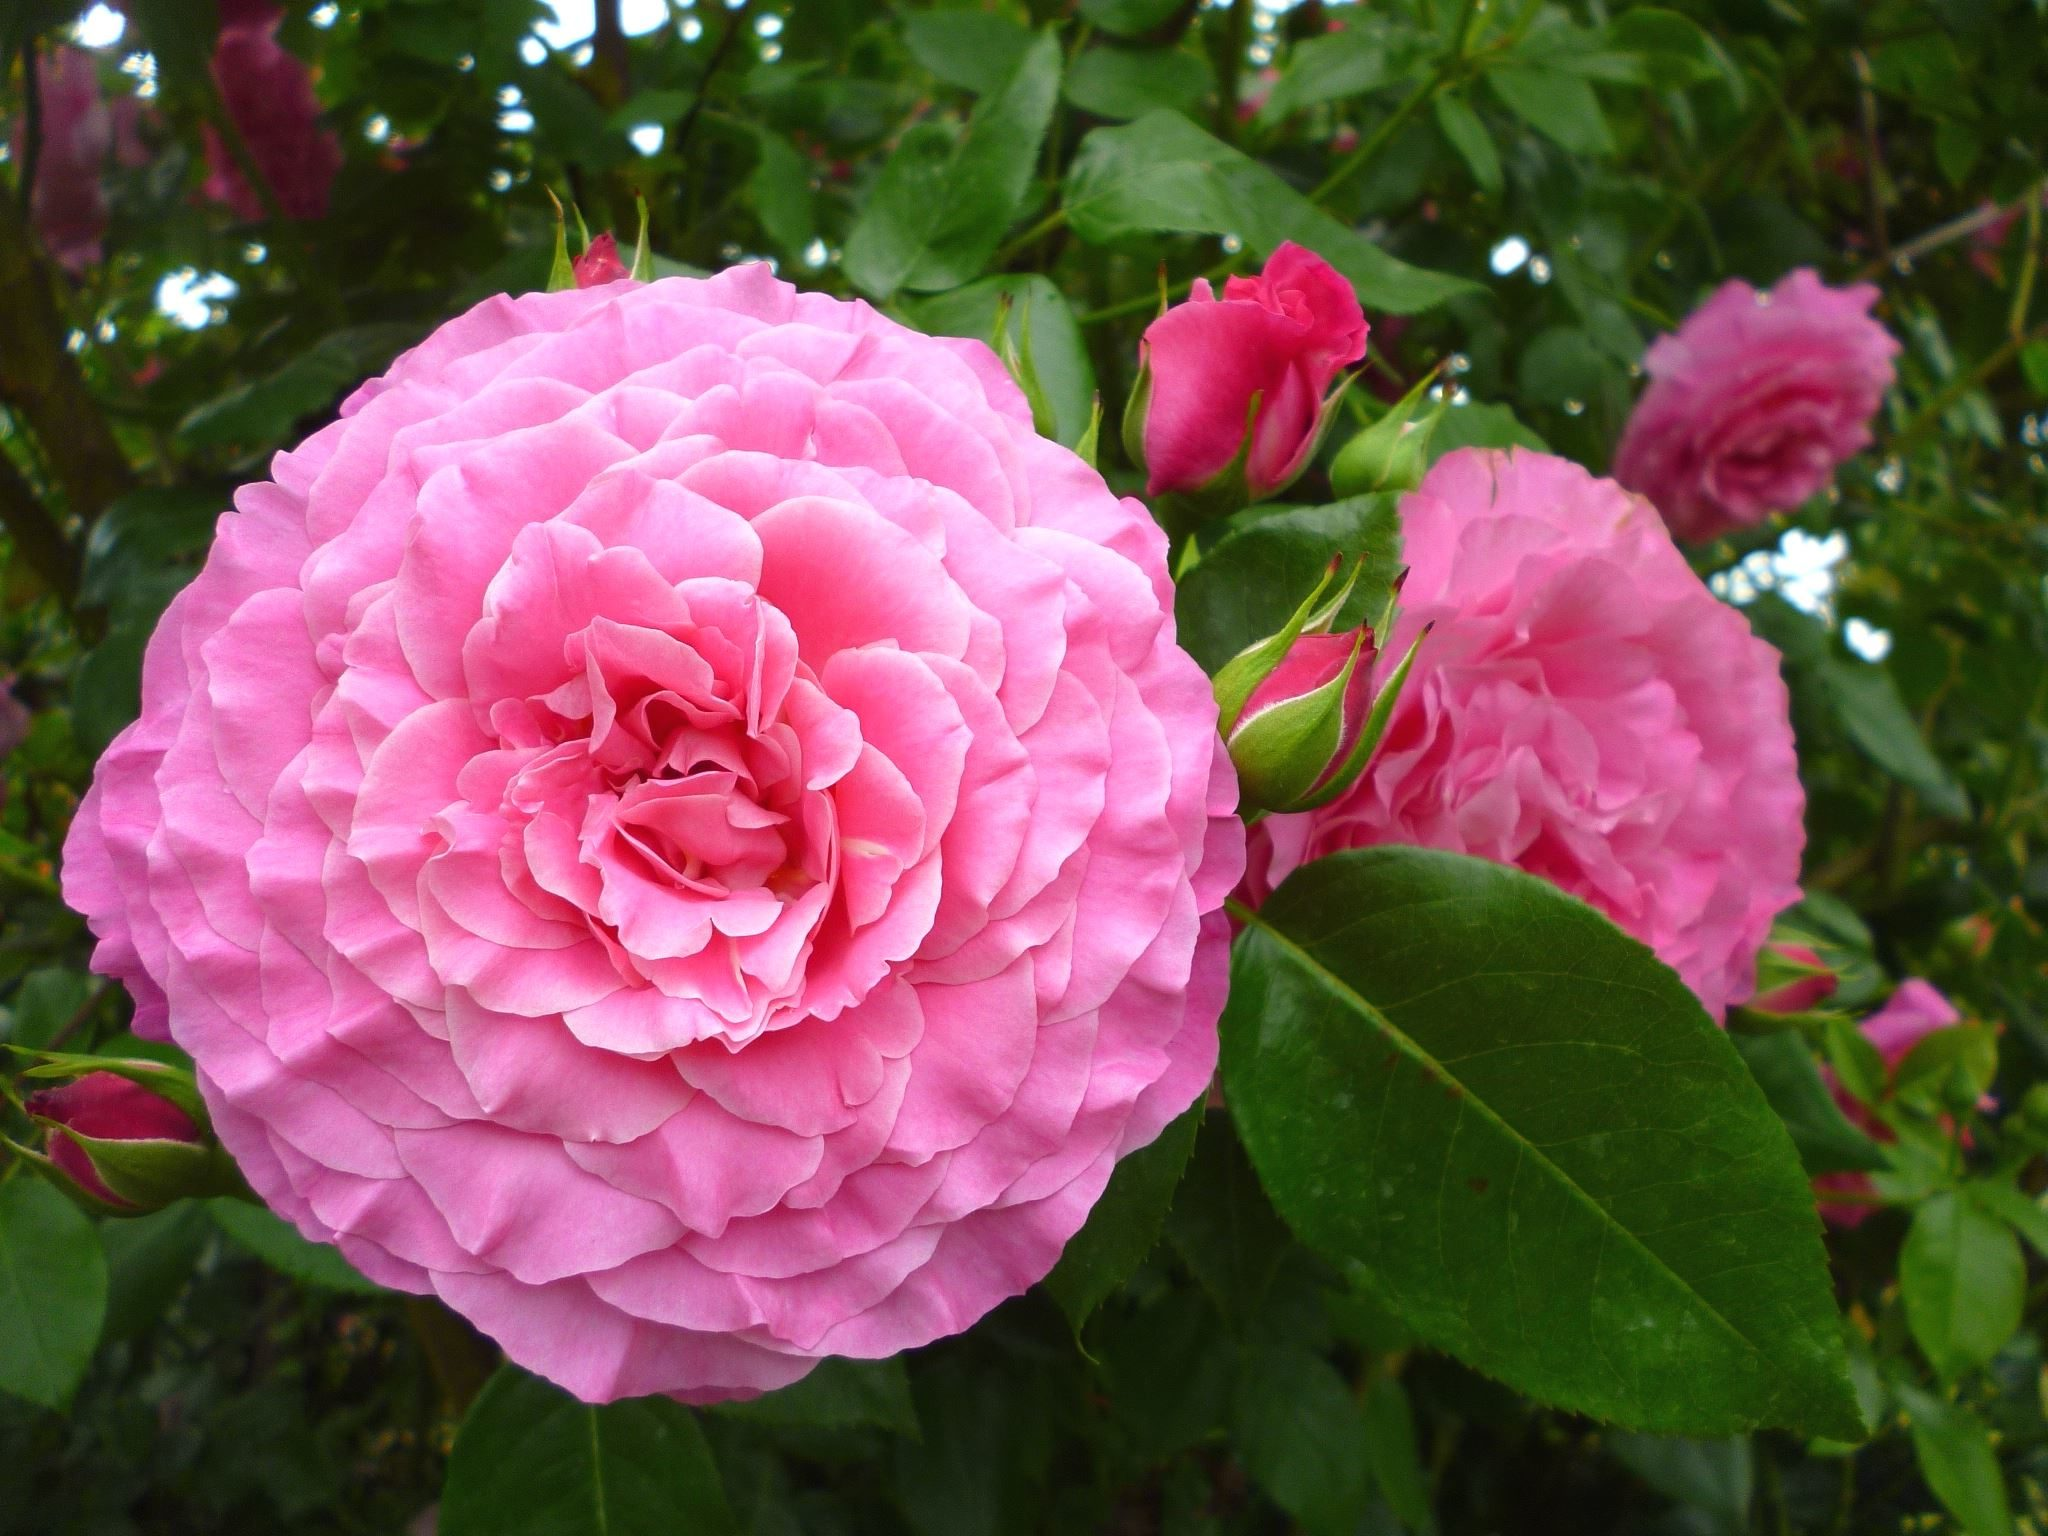 Foto gratis ortensie rose fiore giardino fioritura - Ortensie colori ...